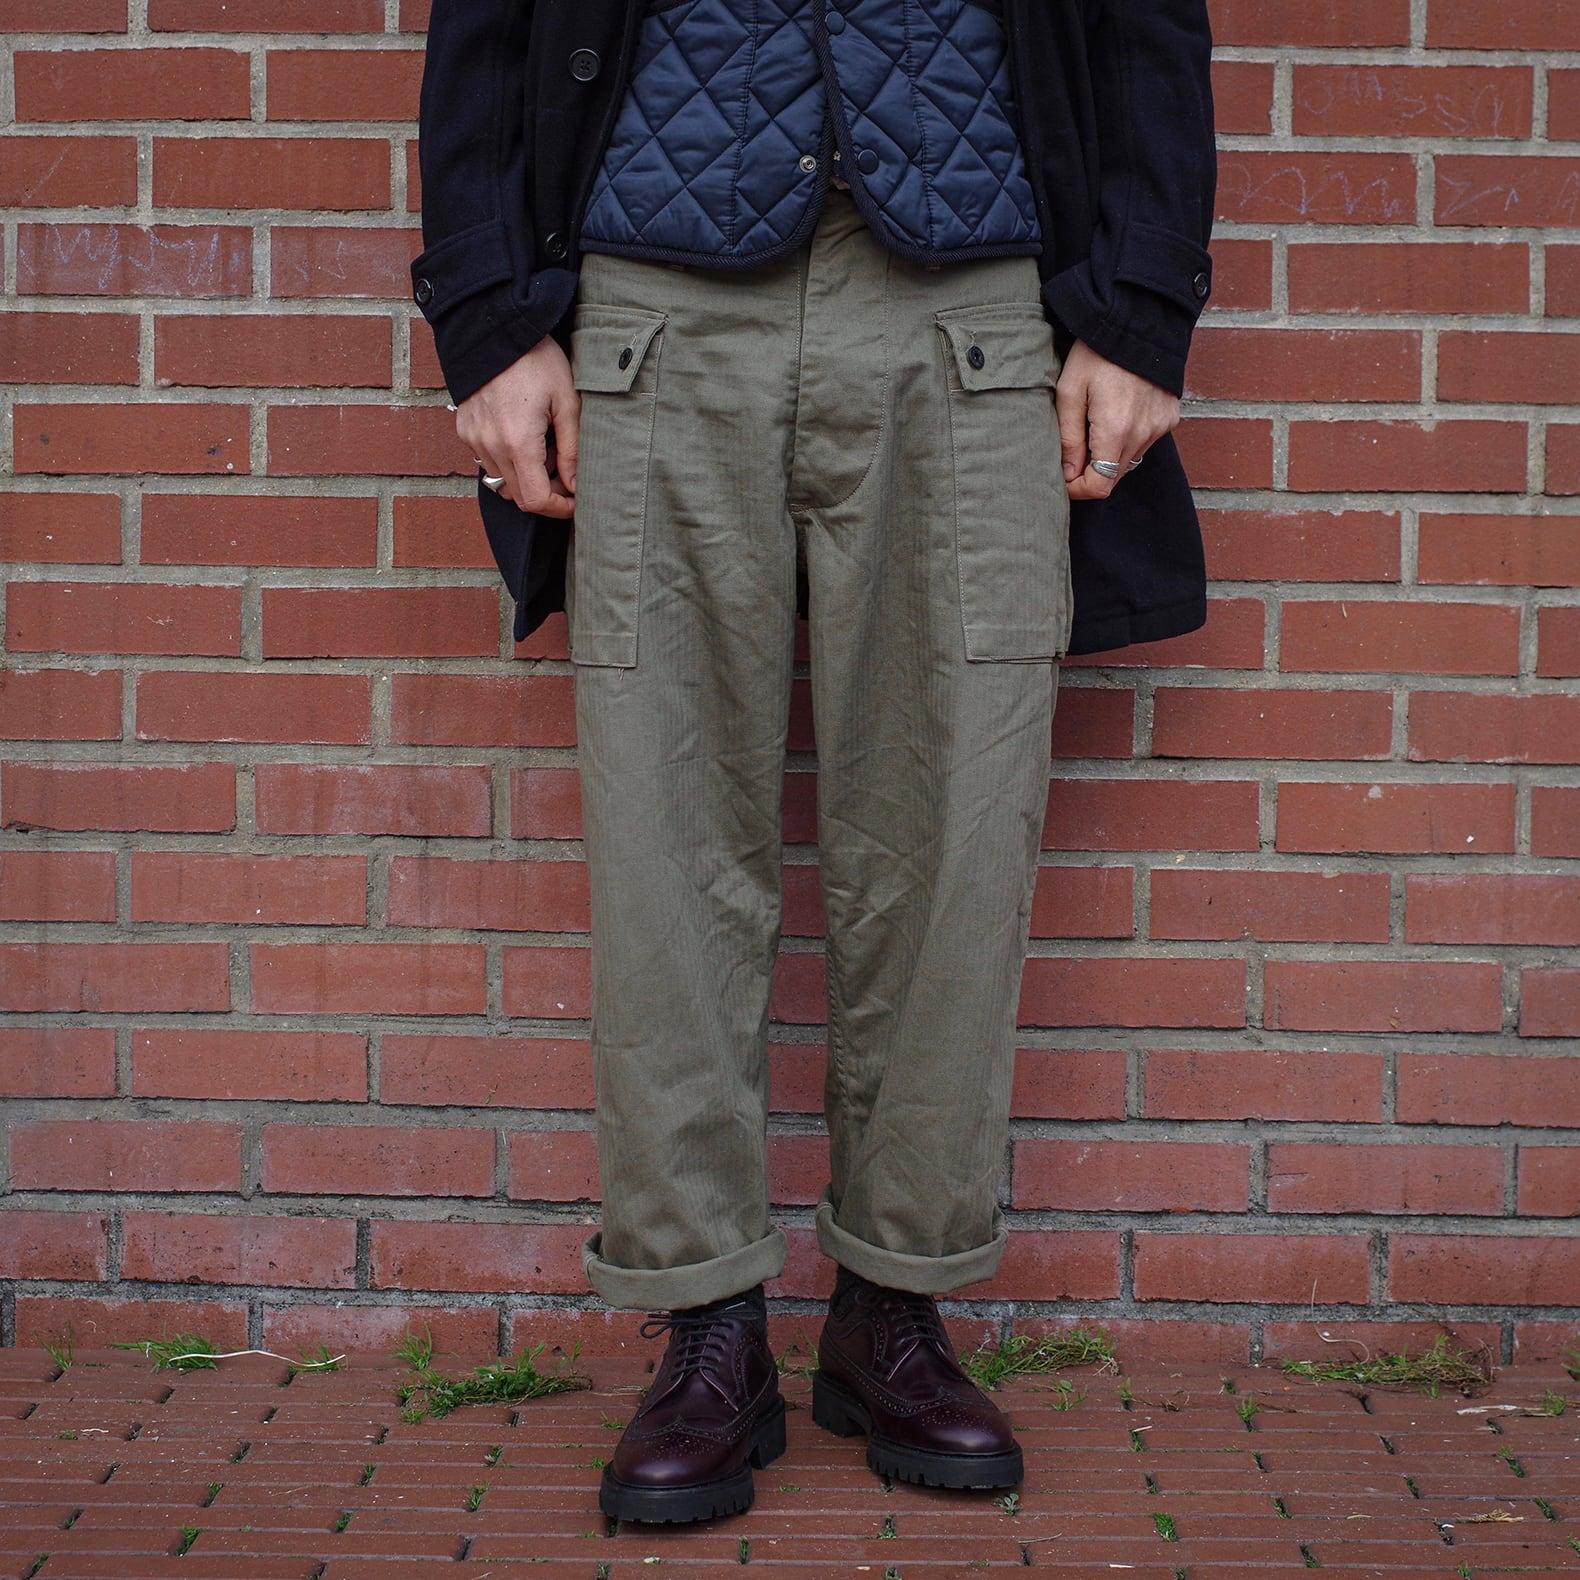 idée de tenue workwear / militaire vintage avec pantalon cargo armée